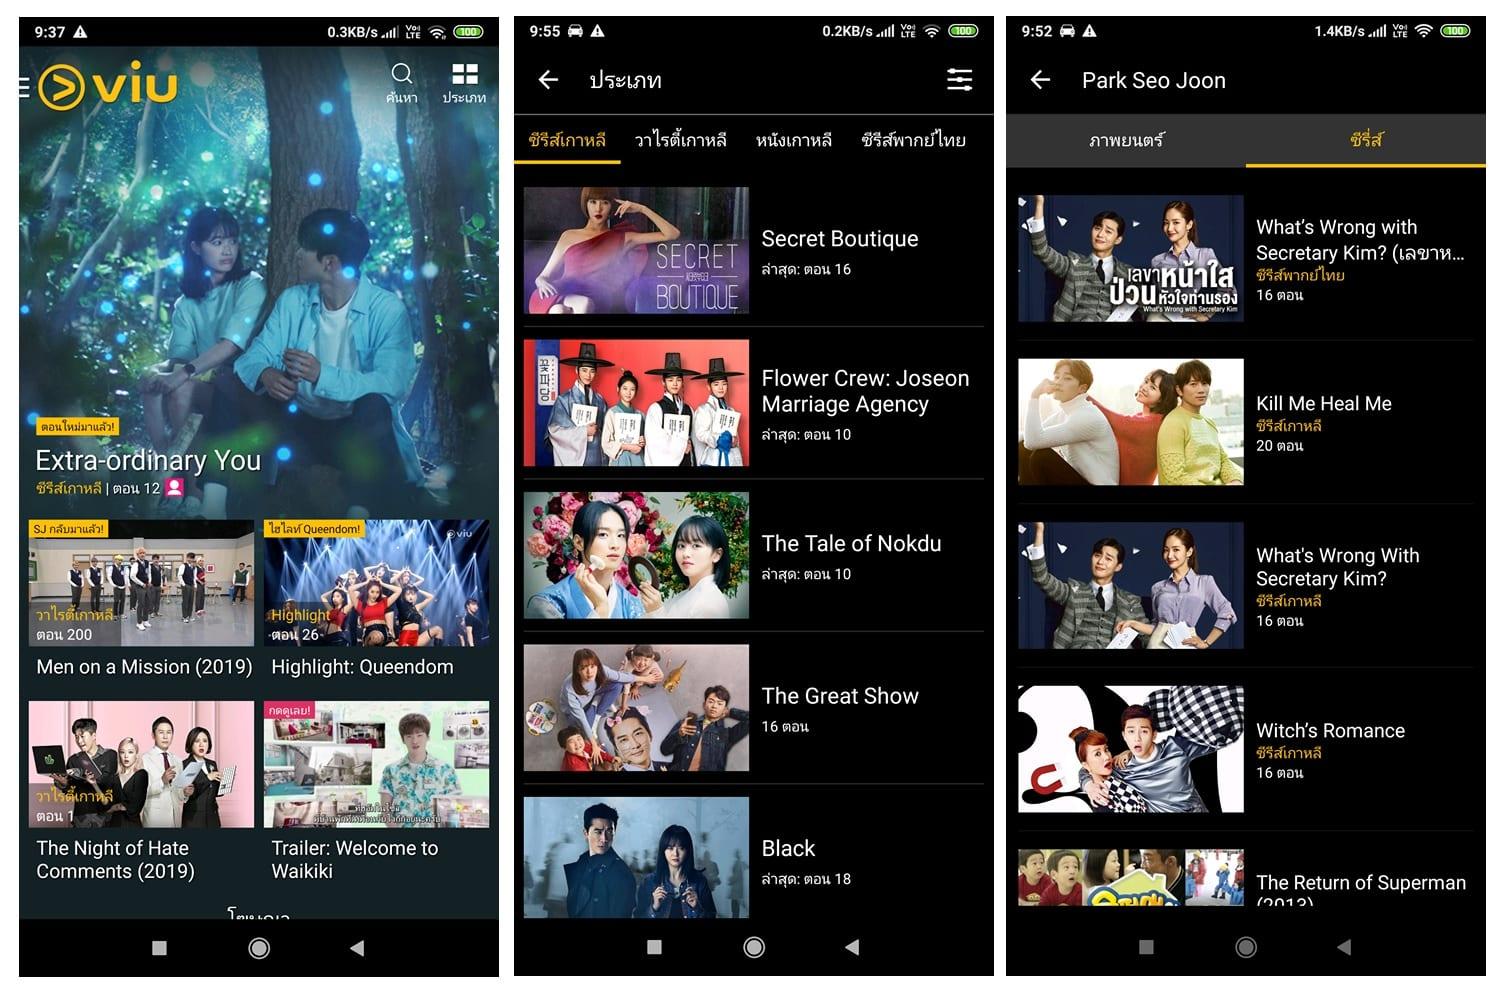 ดูหนังใหม่ล่าสุด, แอพดูหนัง, app ดูหนังฟรี, แอพดูหนังฟรี, แอพดูหนังฟรี android